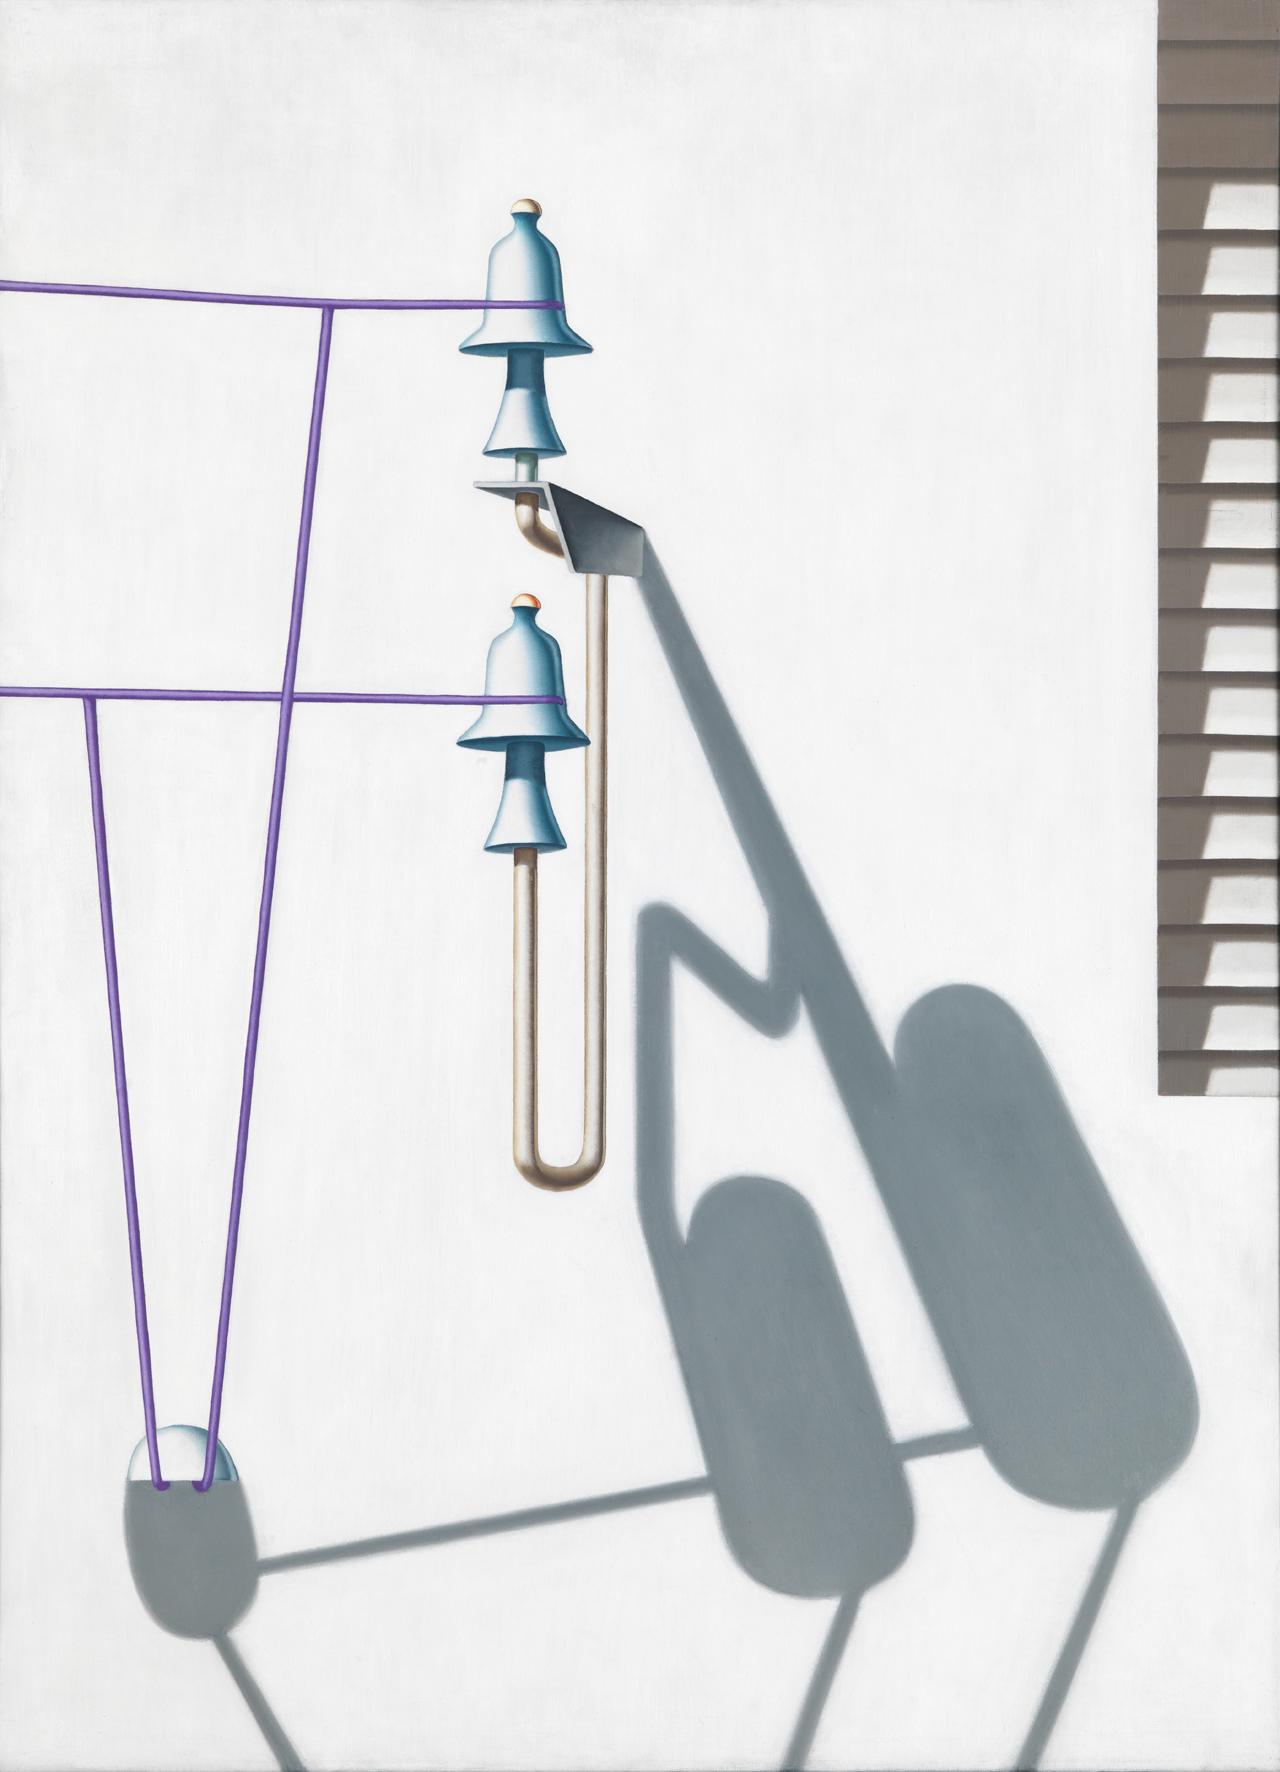 Konrad Klapheck, Die Verschwörung, 1967, Öl auf Leinwand, 109 x 80 cm